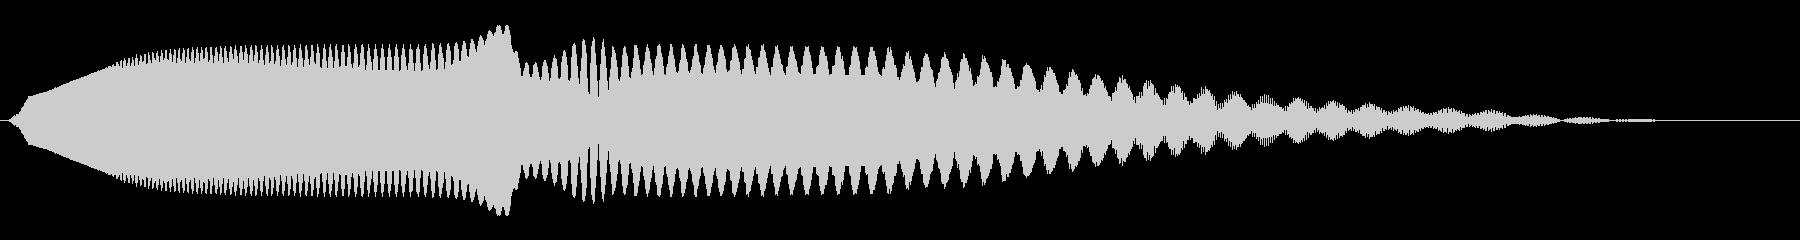 ピュゥゥ〜ン(ゆっくり消えていく効果音)の未再生の波形